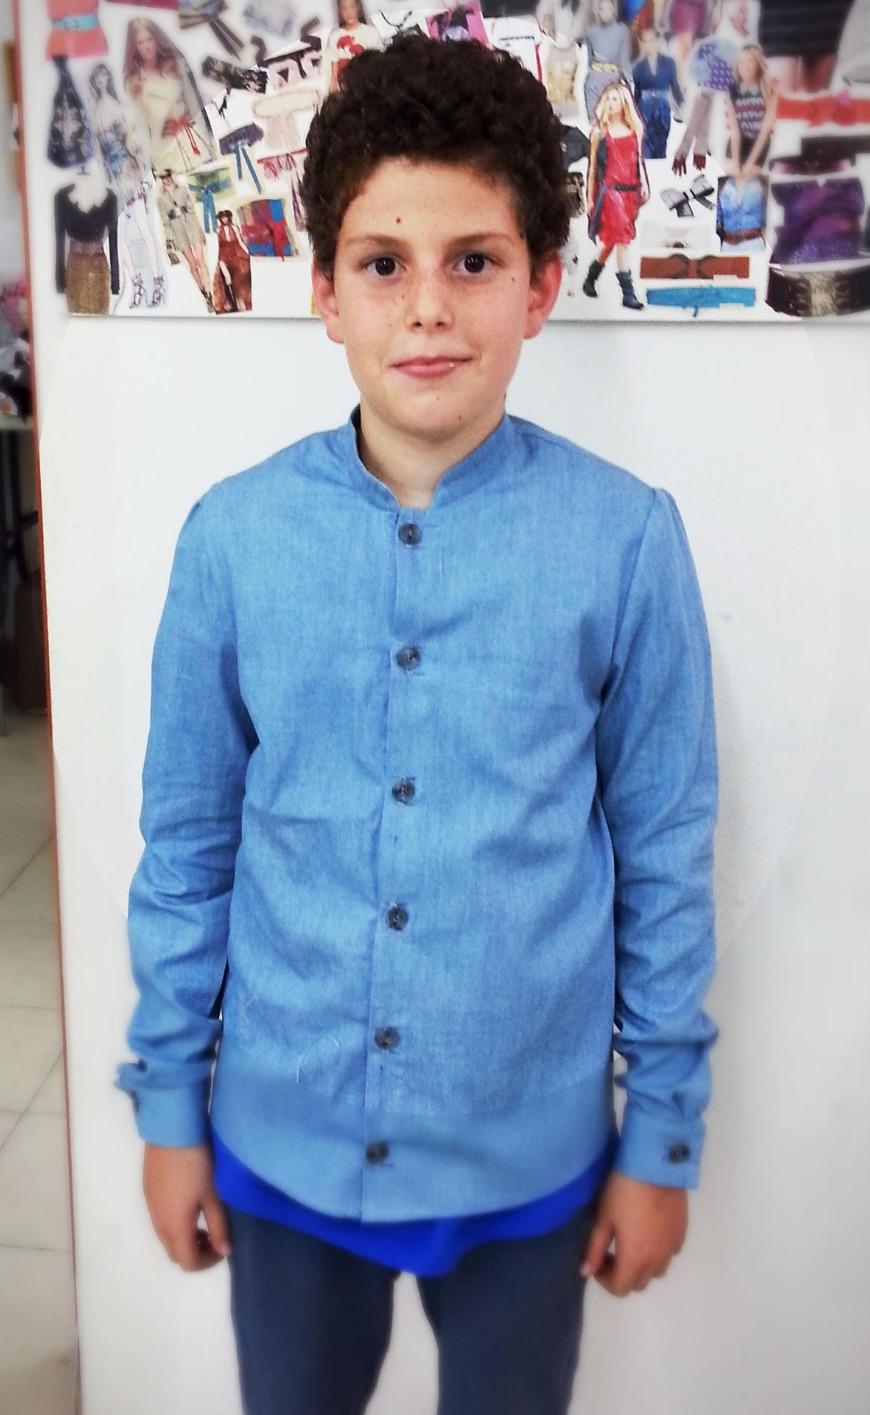 איתן (בן 11) בחולצה מכופתרת